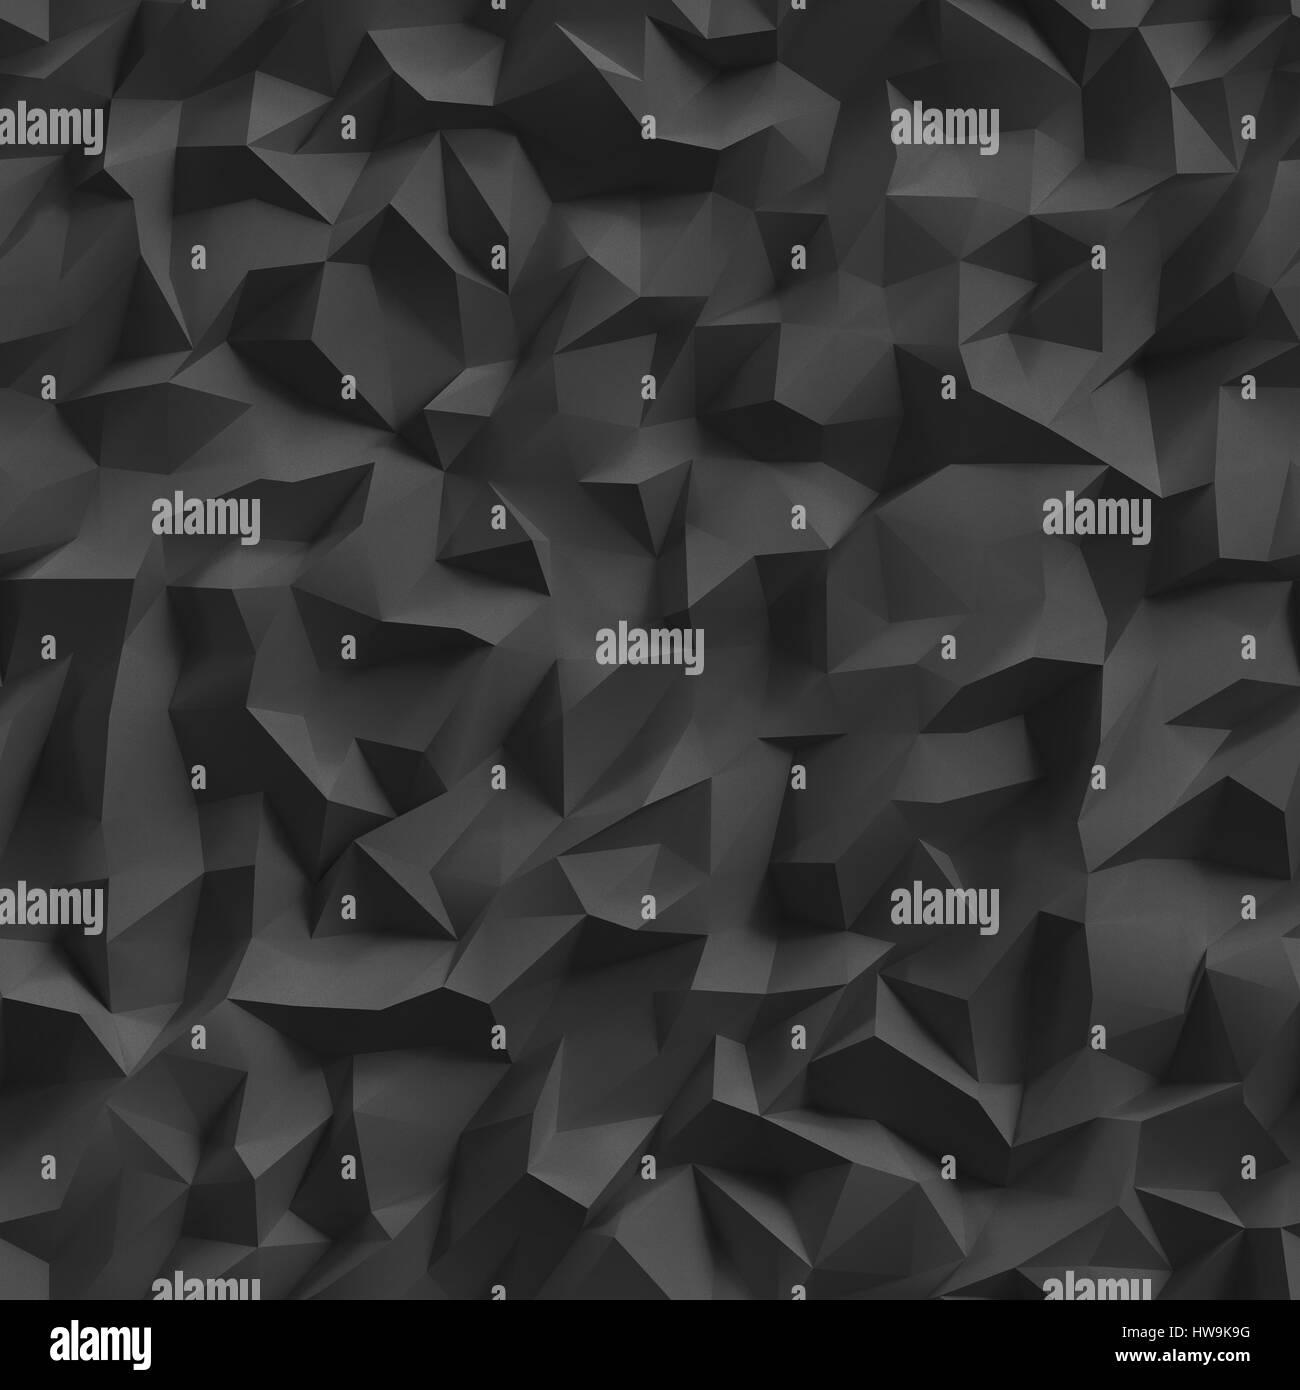 La Texture Numrique Polygonal Minimaliste Llment De Conception Graphique Pour Affiche Dcorative Carte Visite Site Web Wallp